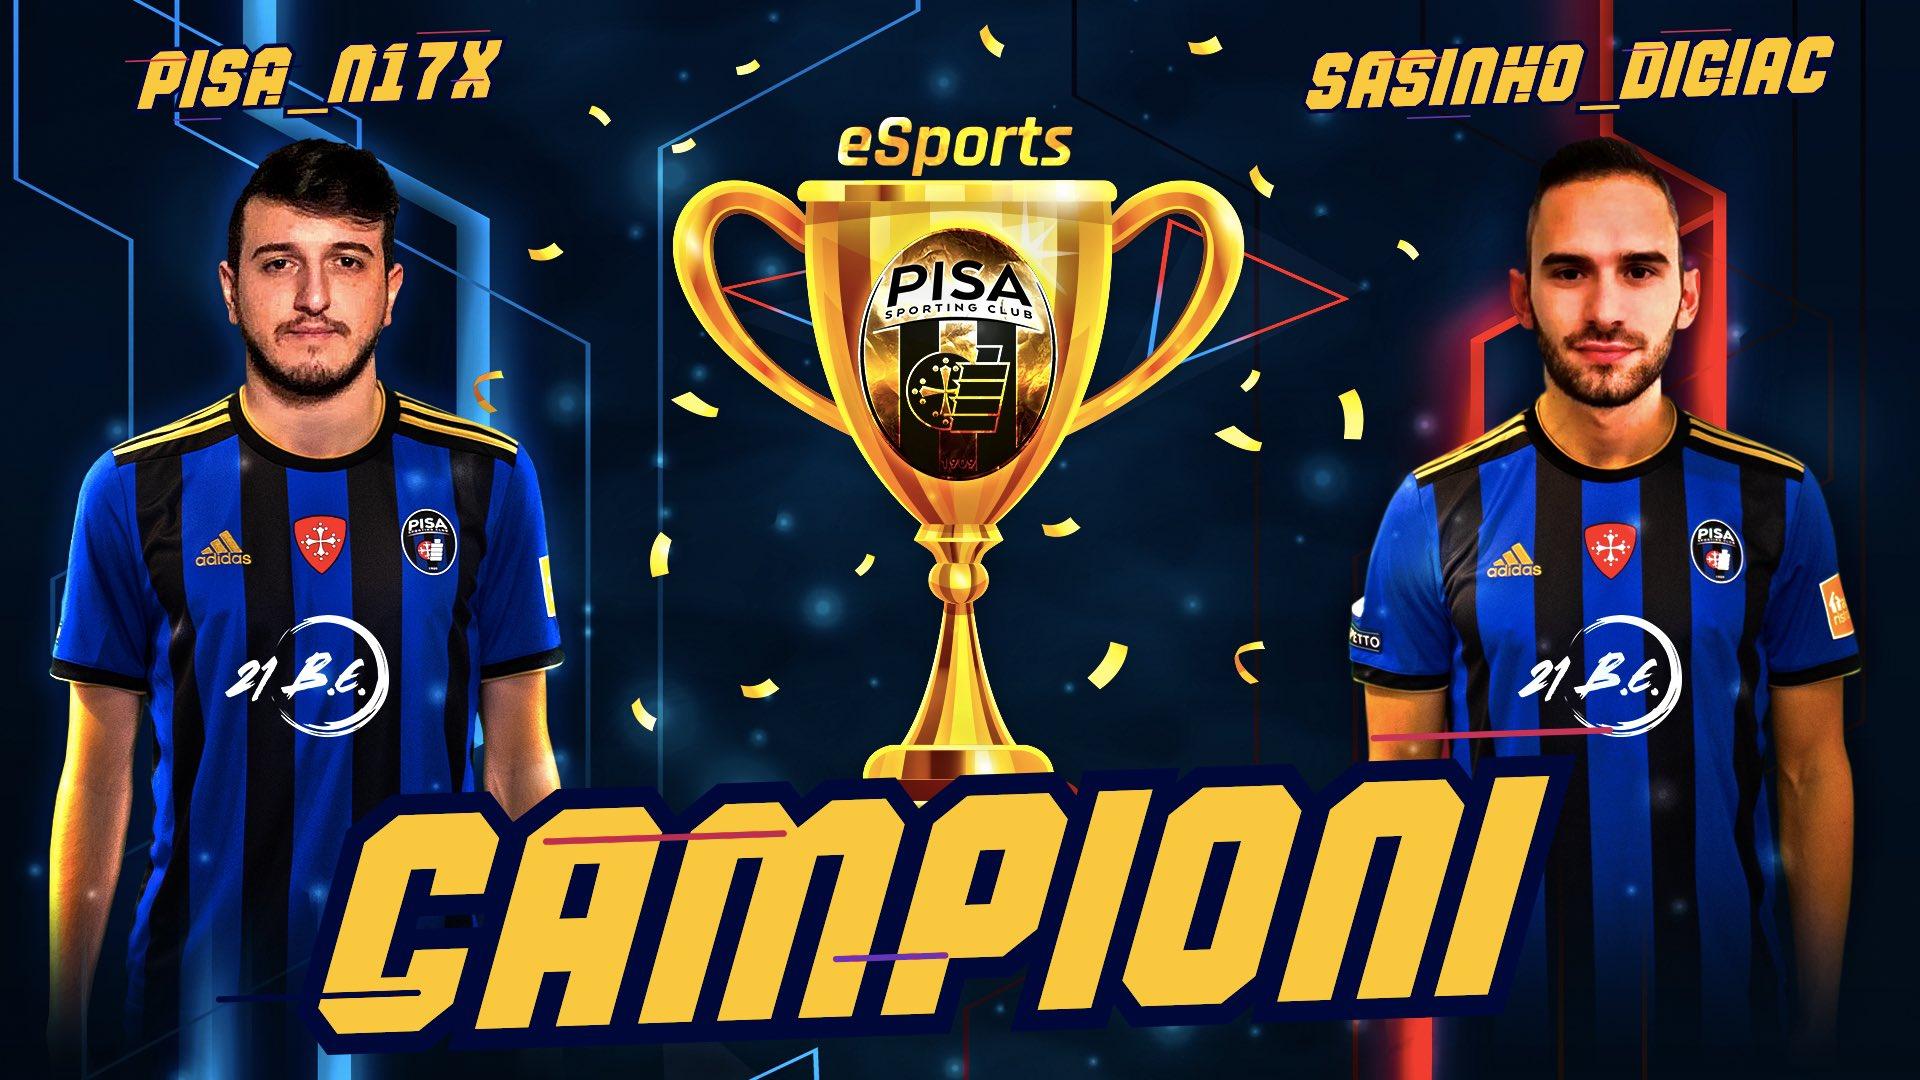 immagine per Il campionato eSports ufficiale della Serie B riparte con eFootball